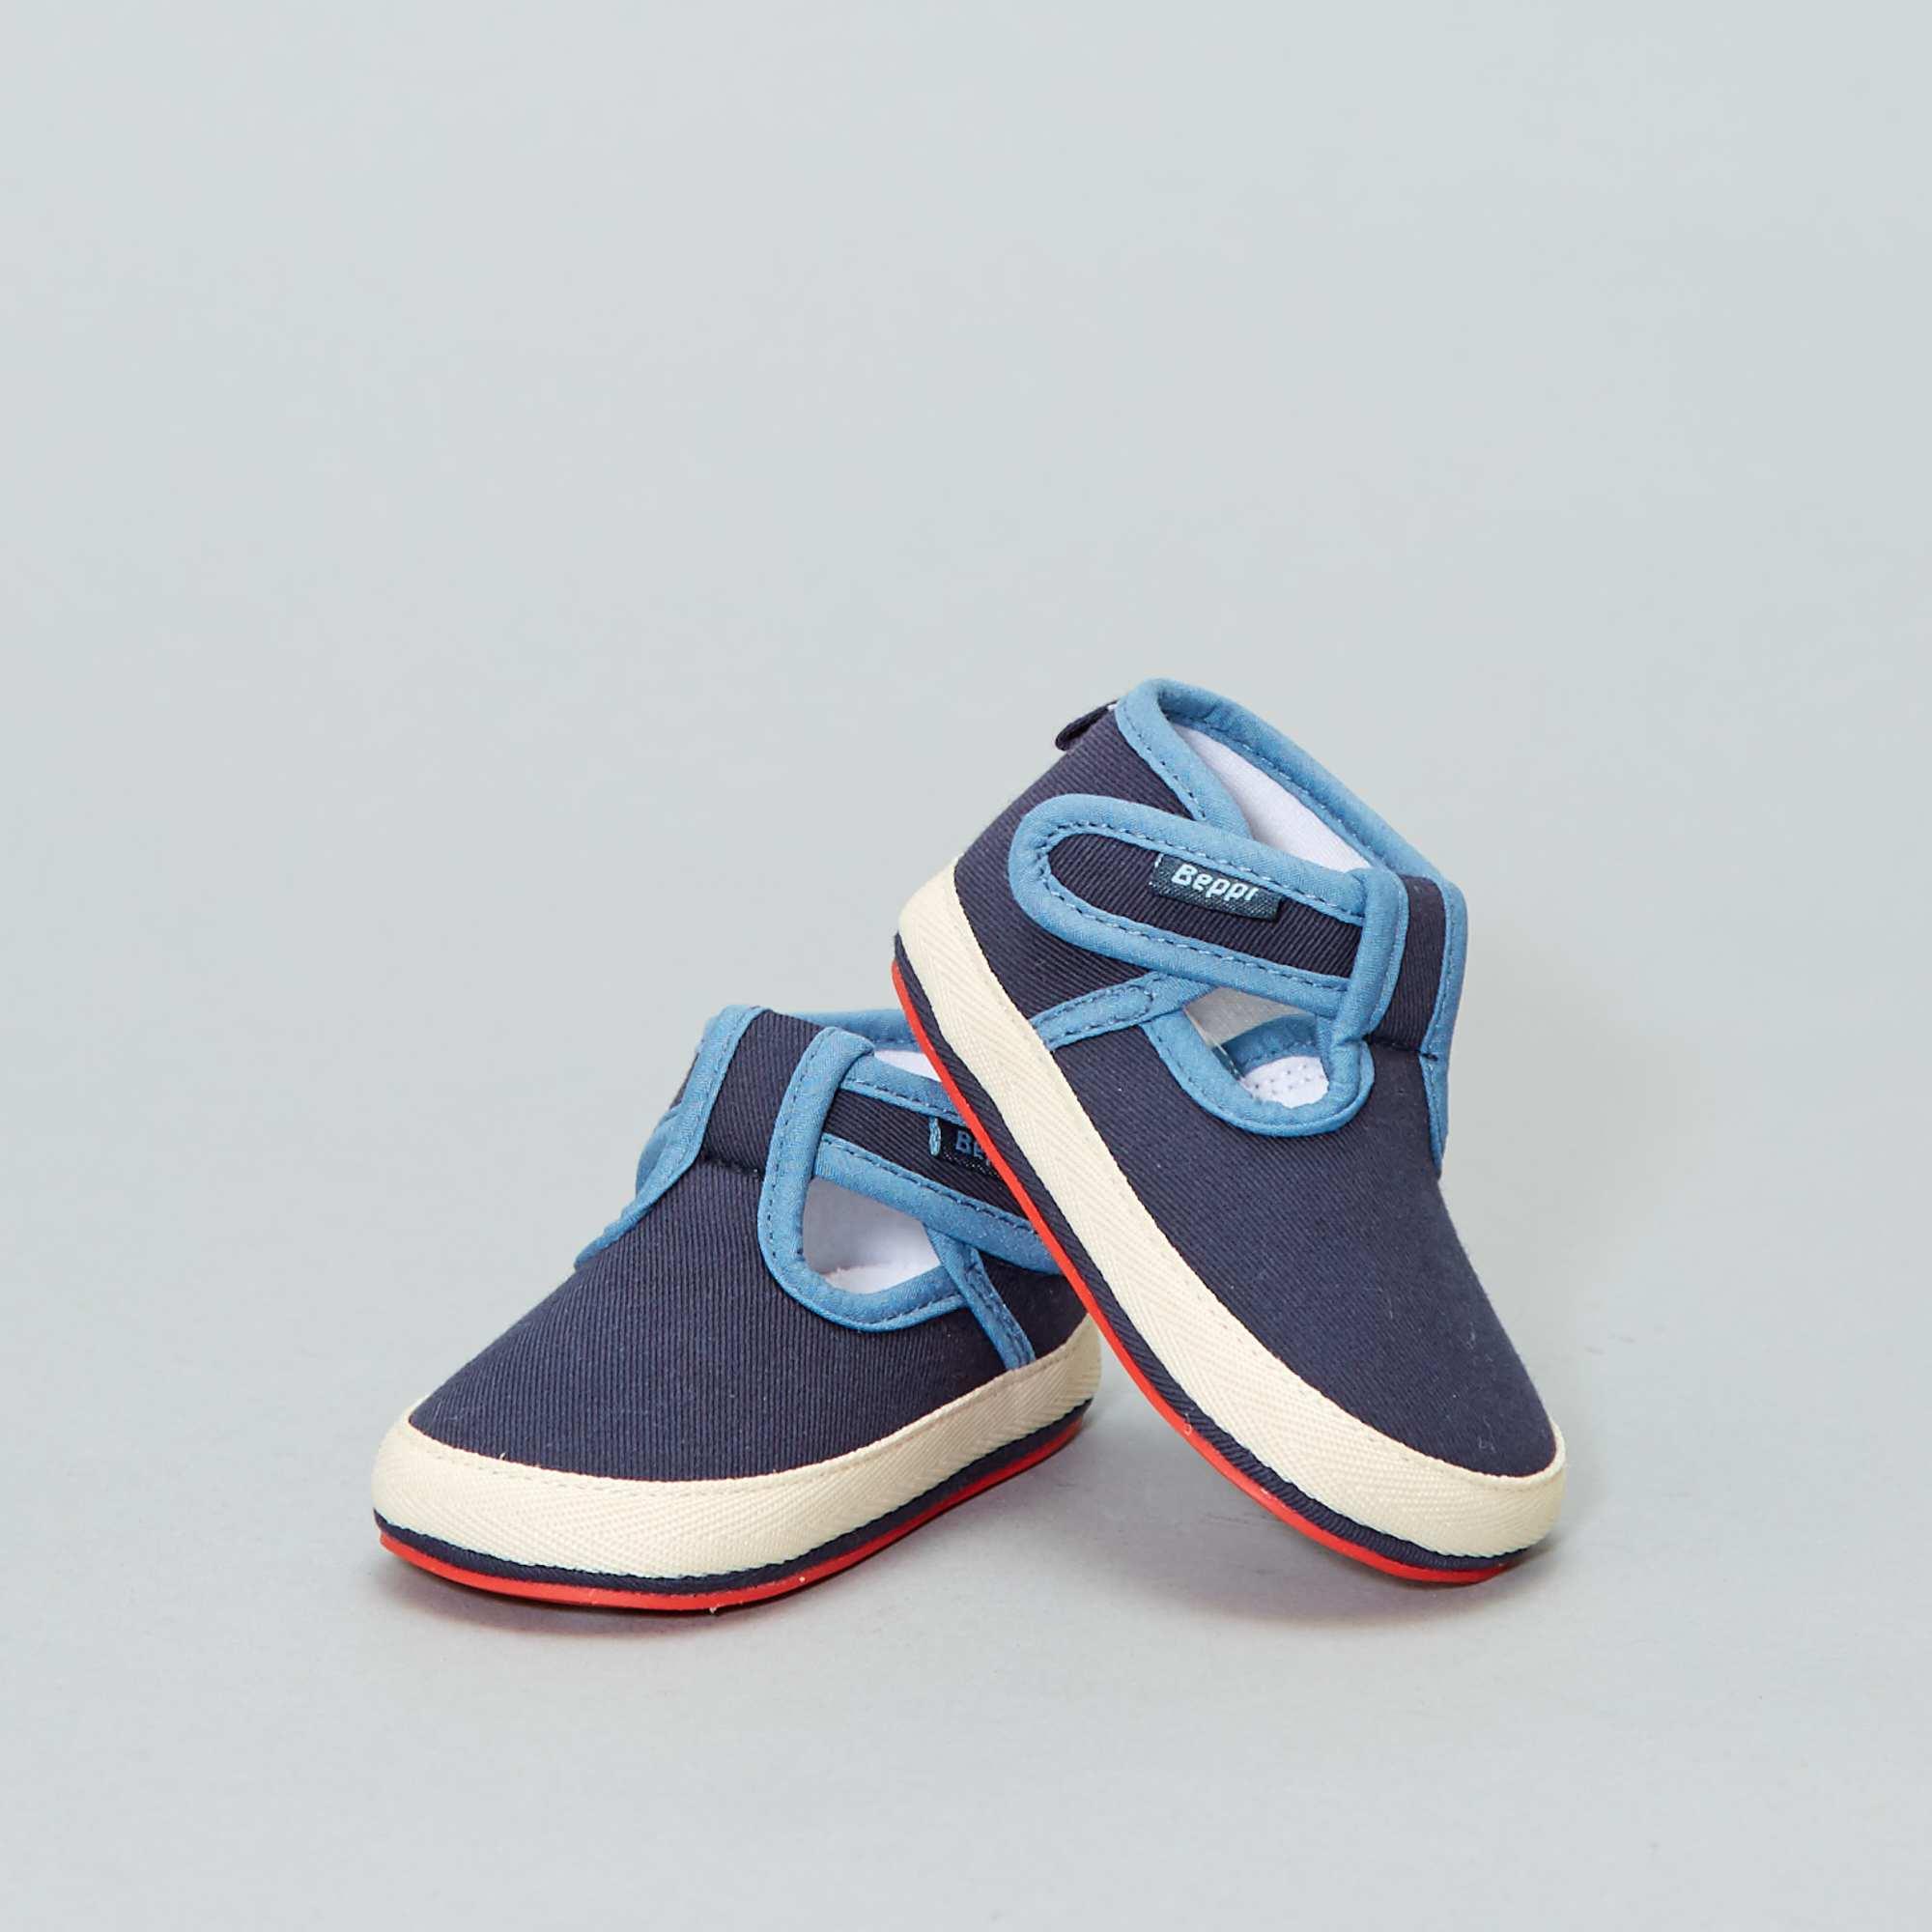 fe23bd237 Zapatos para el parque de tela Bebé niño - AZUL - Kiabi - 12